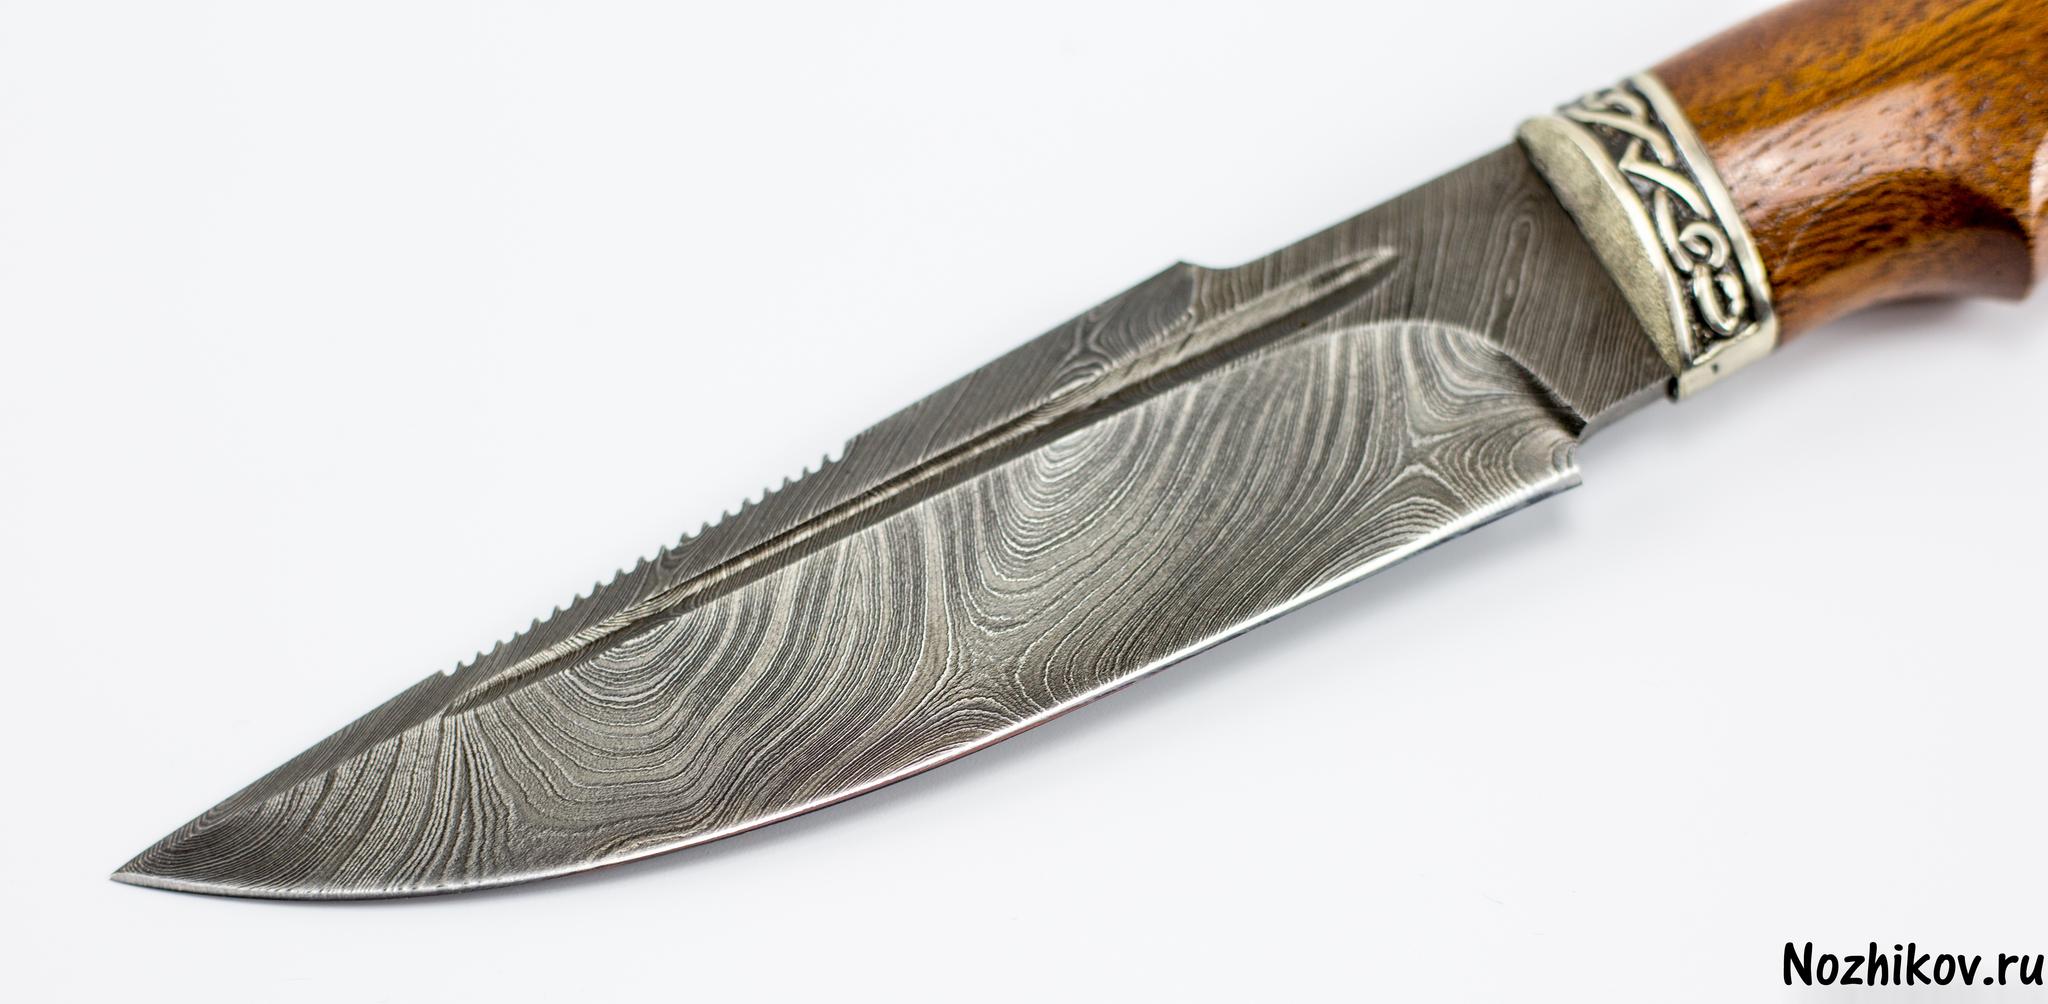 Фото 20 - Авторский Нож из Дамаска №8, Кизляр от Noname